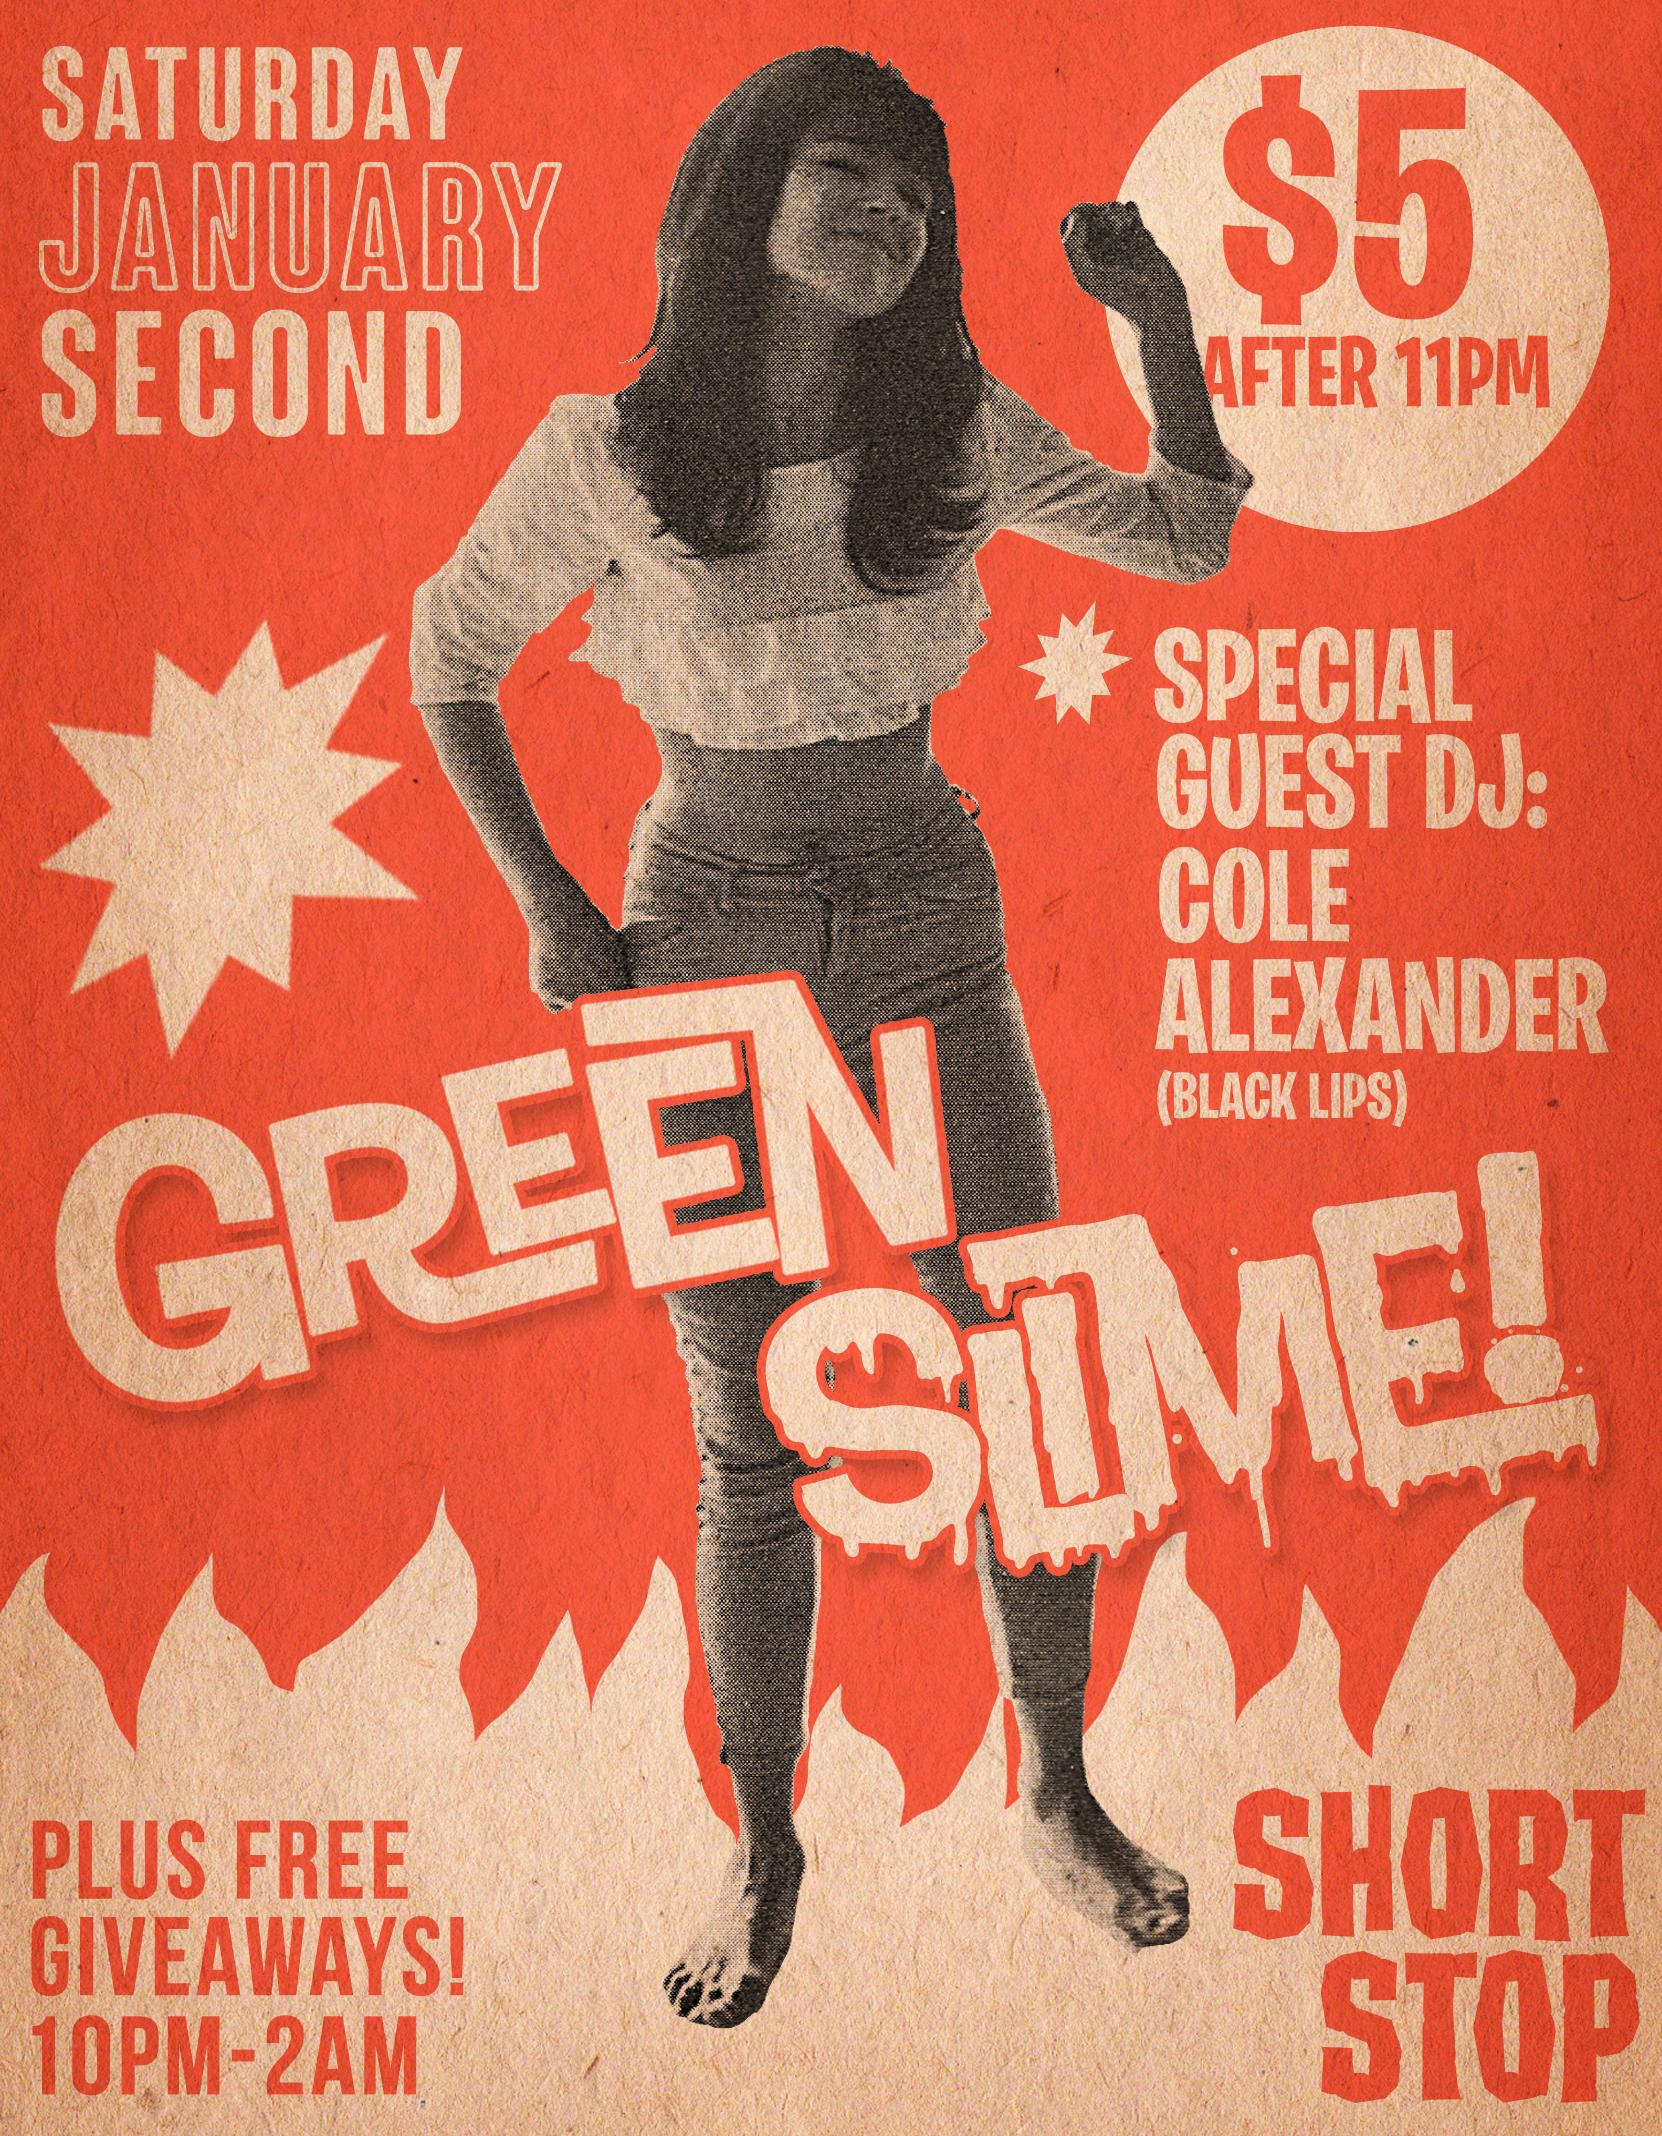 GREEN SLIME JAN SS.jpg